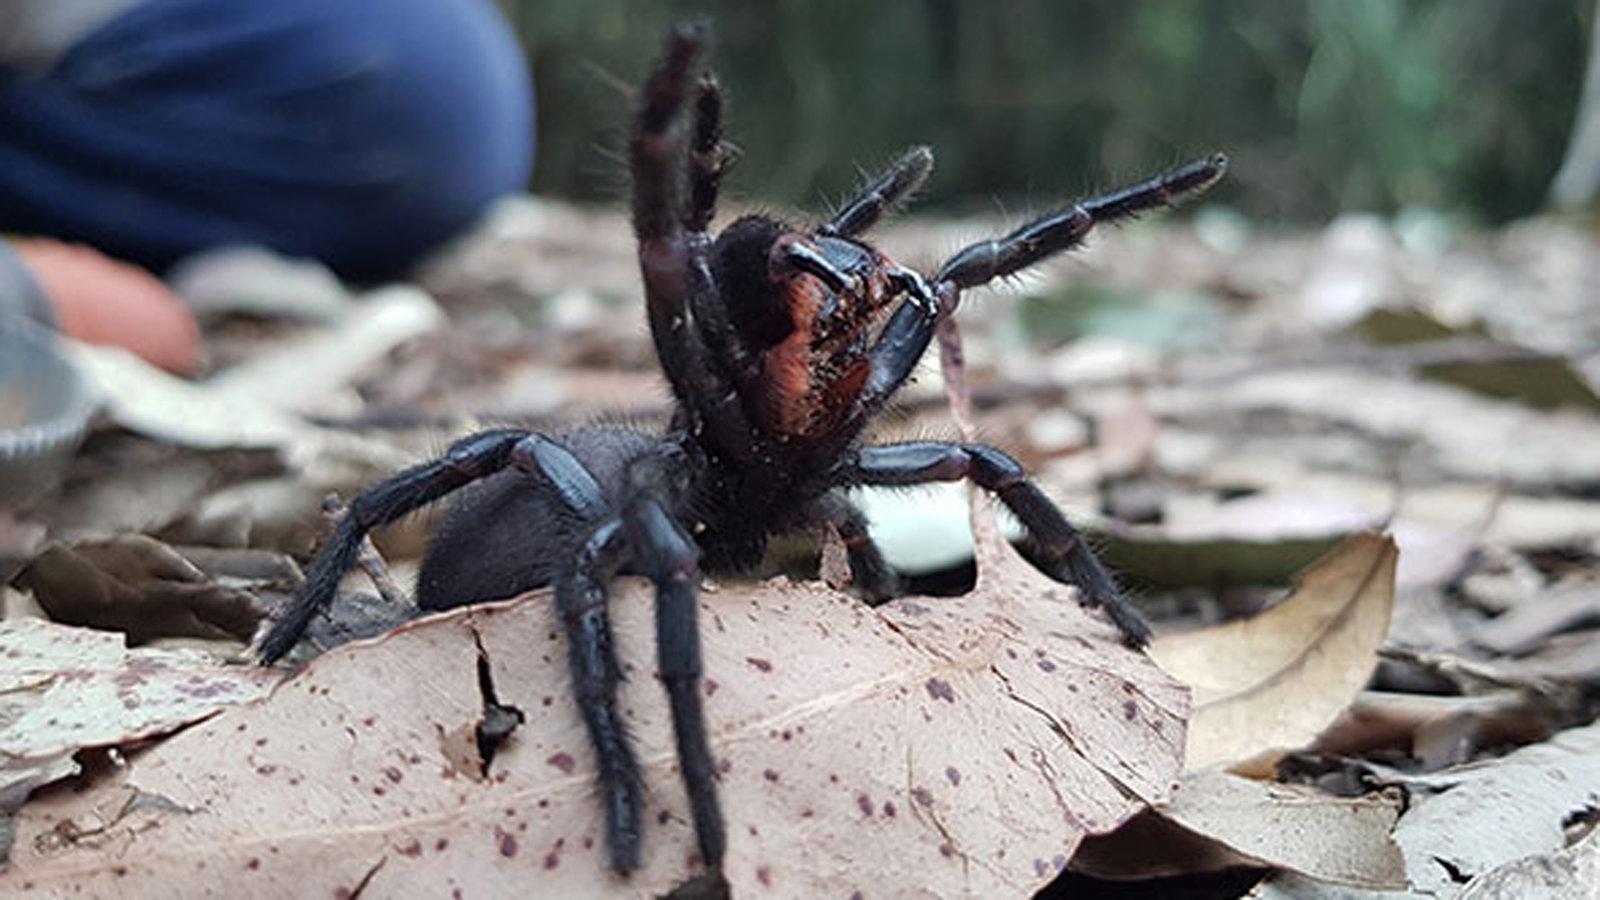 عنکبوت ها در قیف وب خطرناک هستند – کلیک – اخبار برای کودکان – اخبار